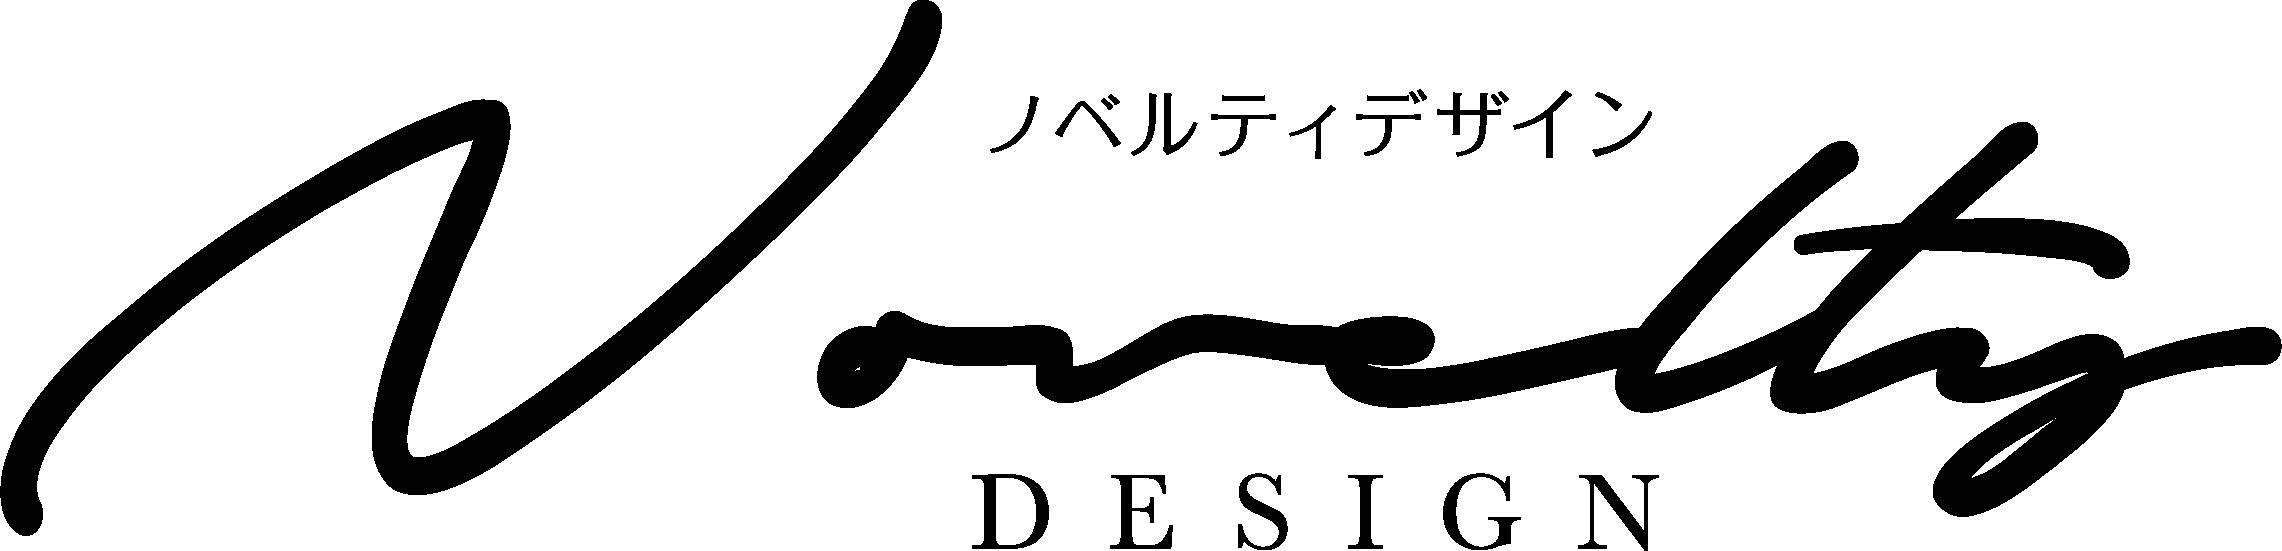 NoveltyDesign